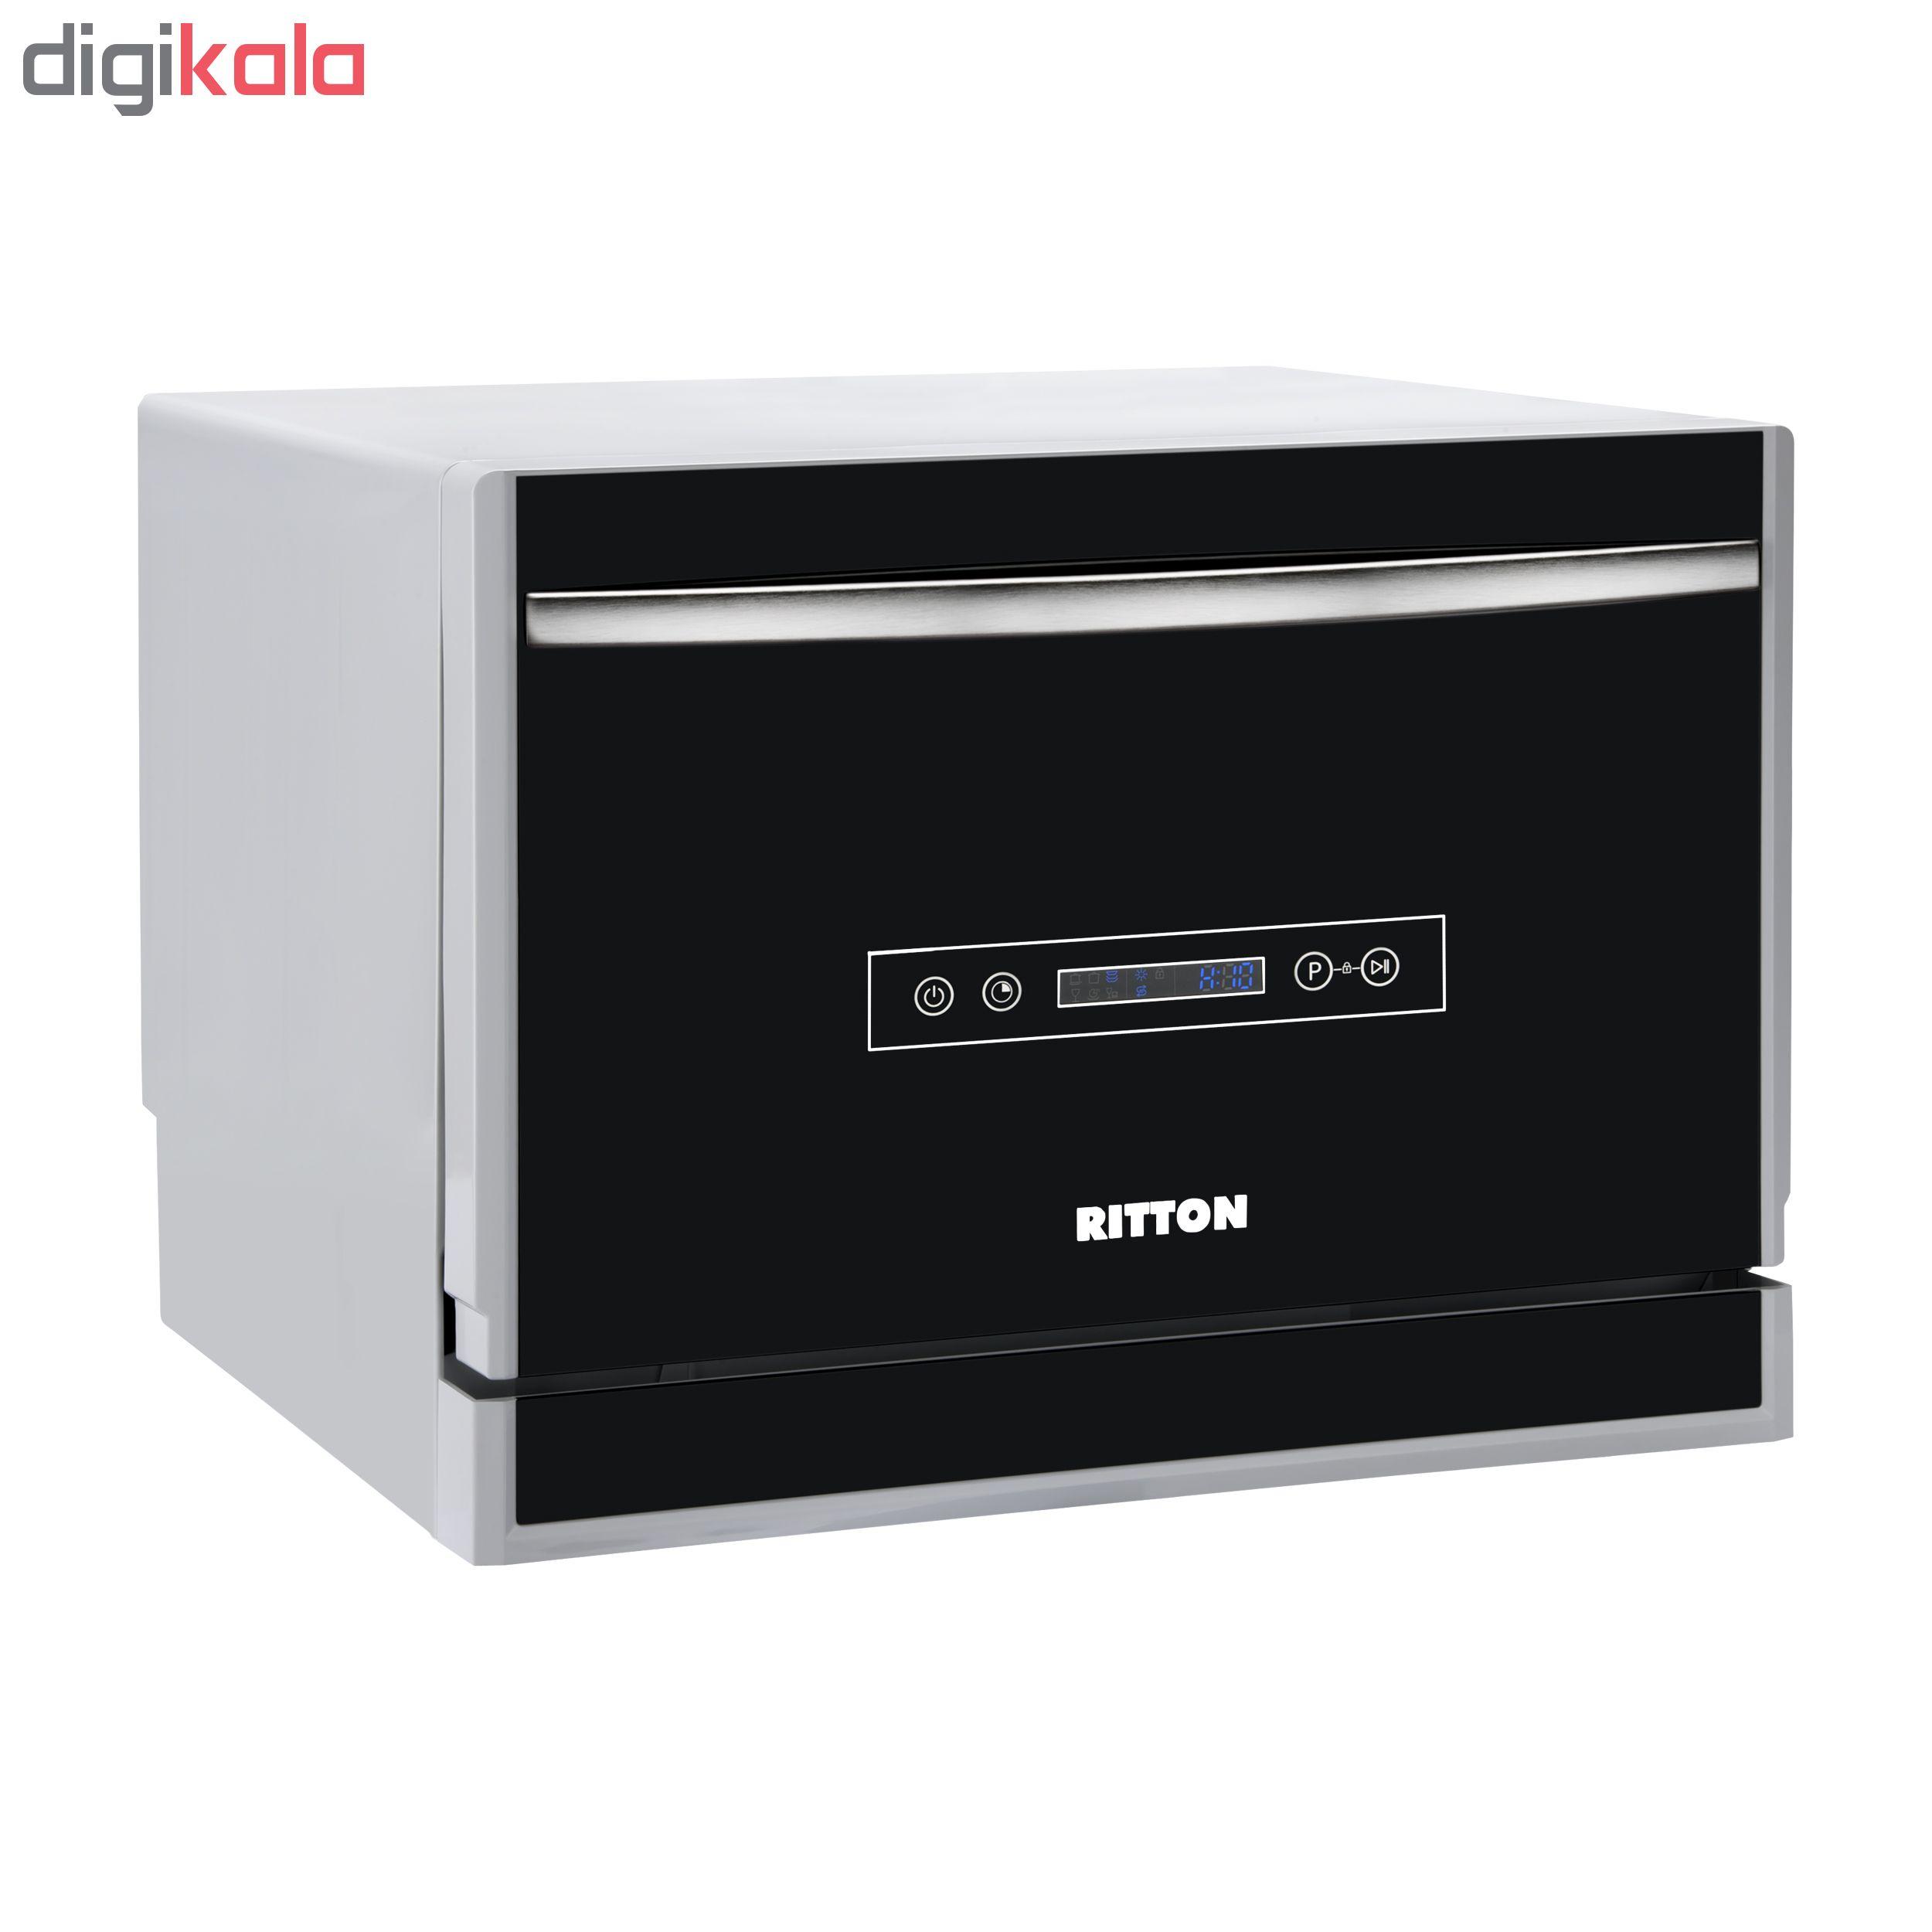 ماشین ظرفشویی رومیزی ریتون مدل GOLDEN TOUCH